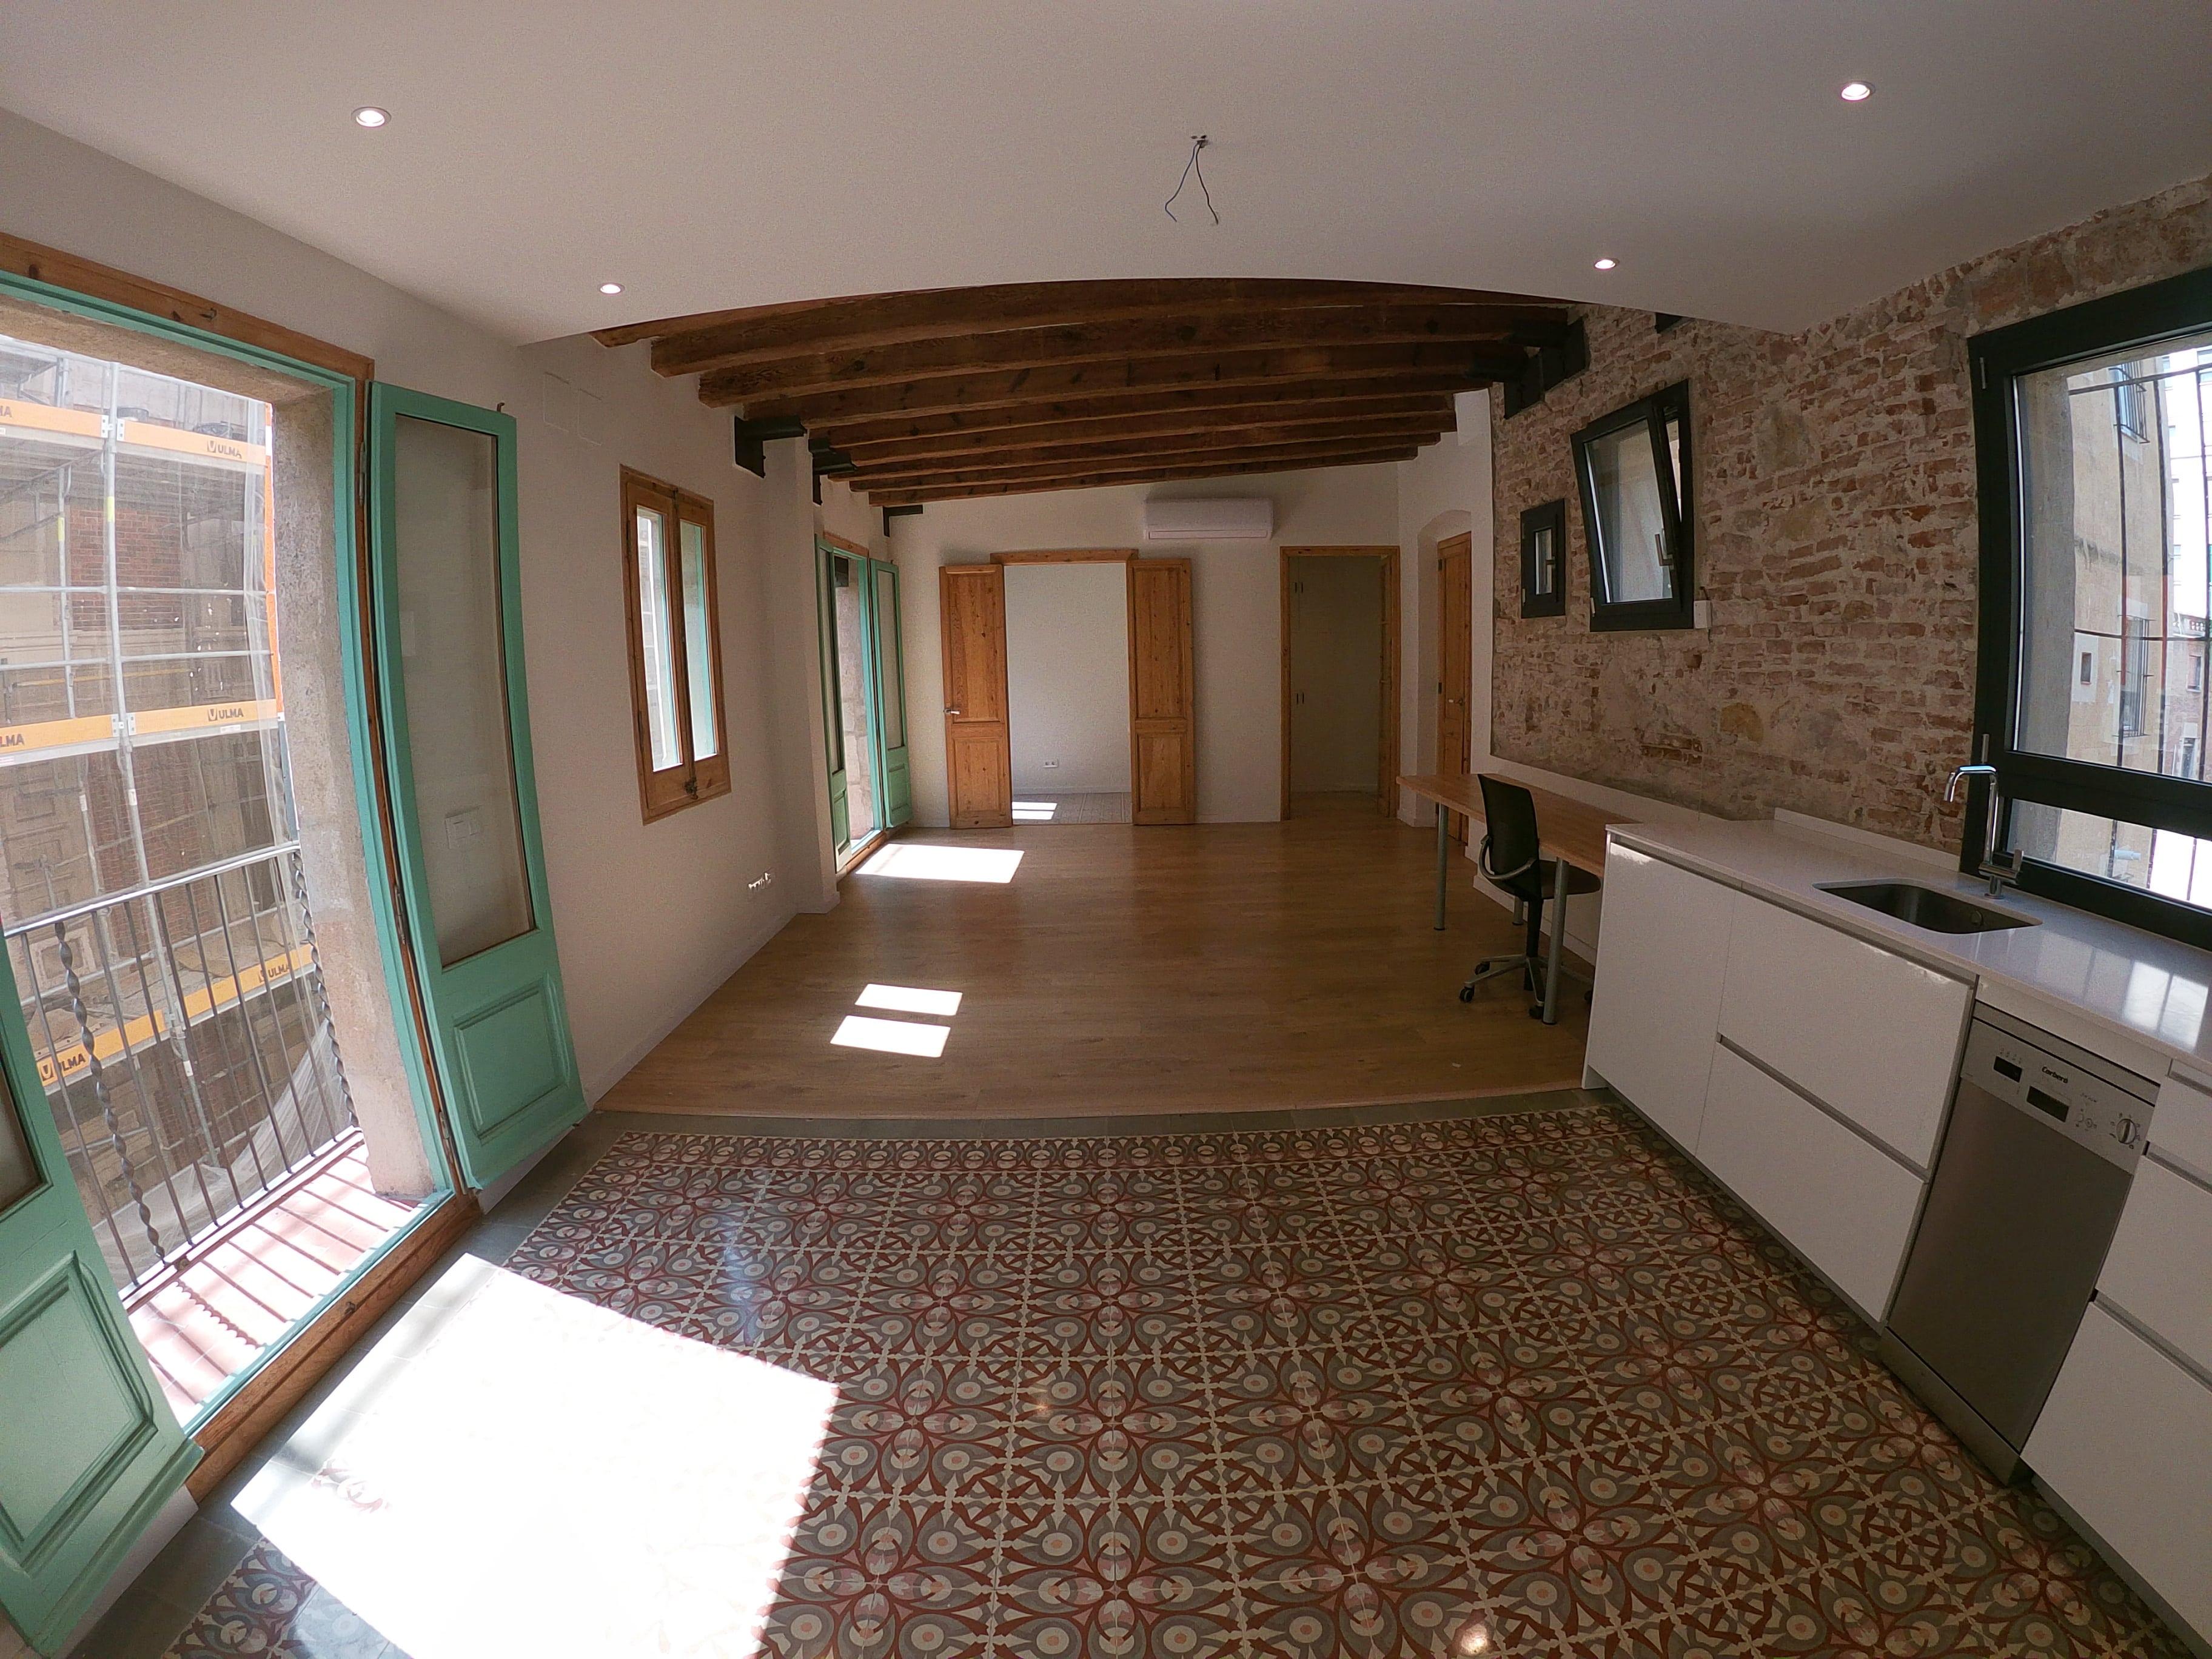 (Español) Moderno piso en pleno centro de BCN